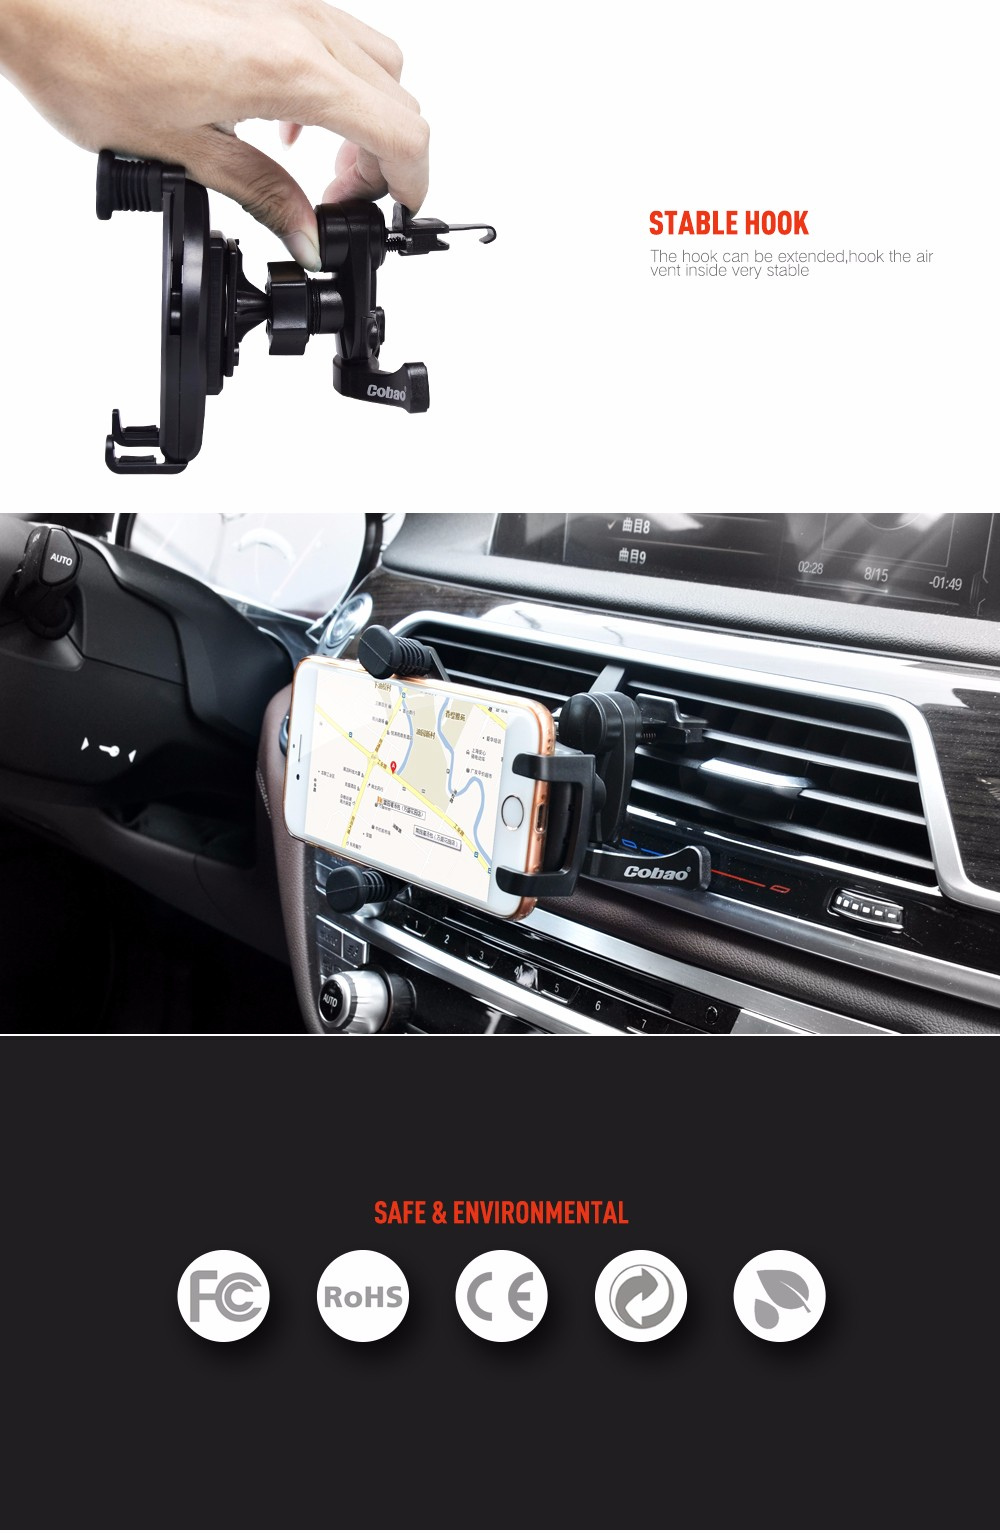 אוניברסלי 360 לרכב אוטומטי אוורור הר מחזיק עבור iPhone עבור טלפון הסלולרי של סמסונג GPS לרכב מחזיק טלפון אוורור